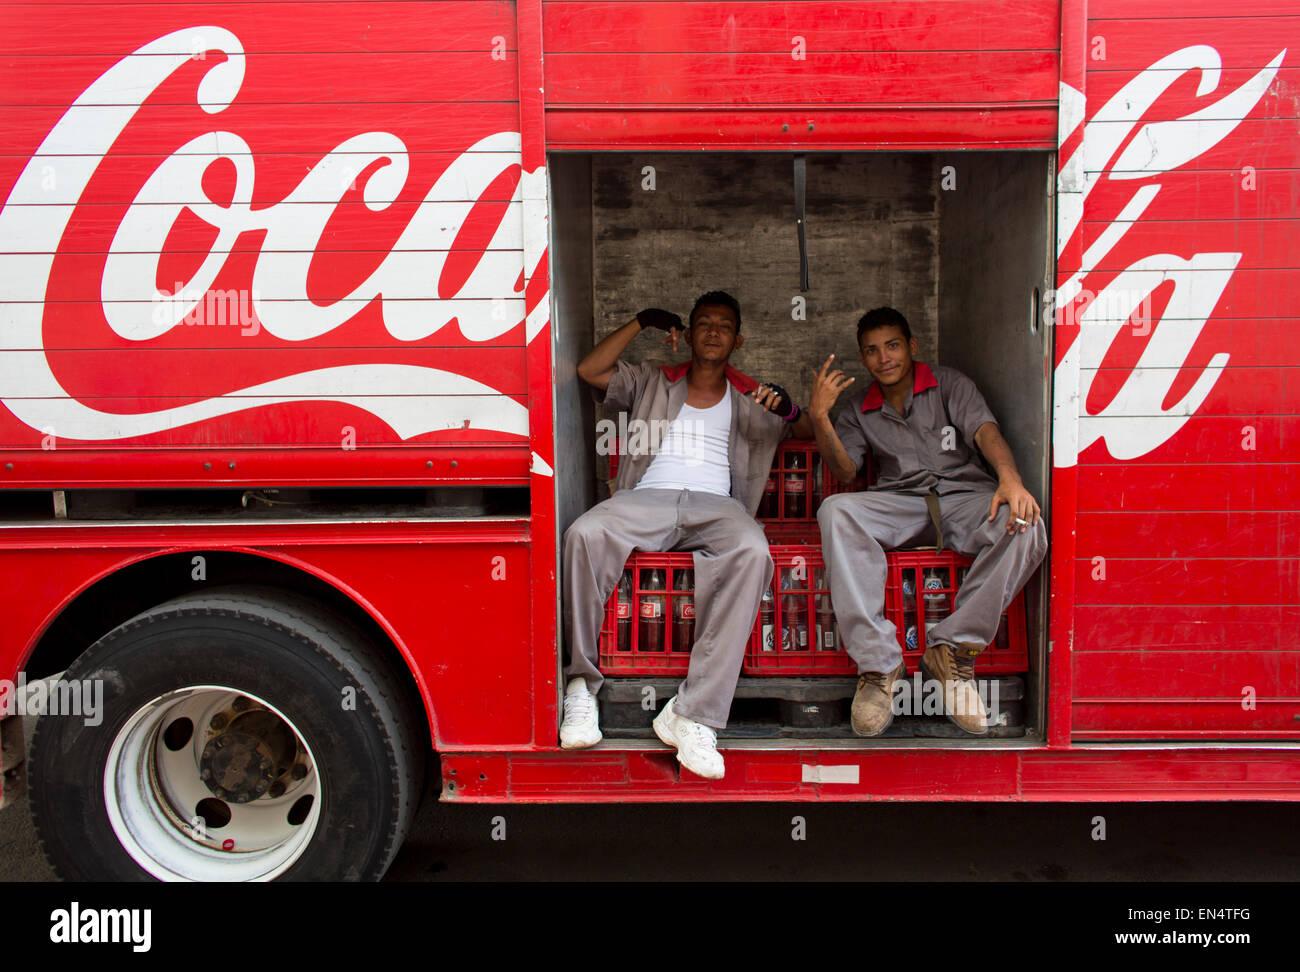 coca cola delivery driver schedule